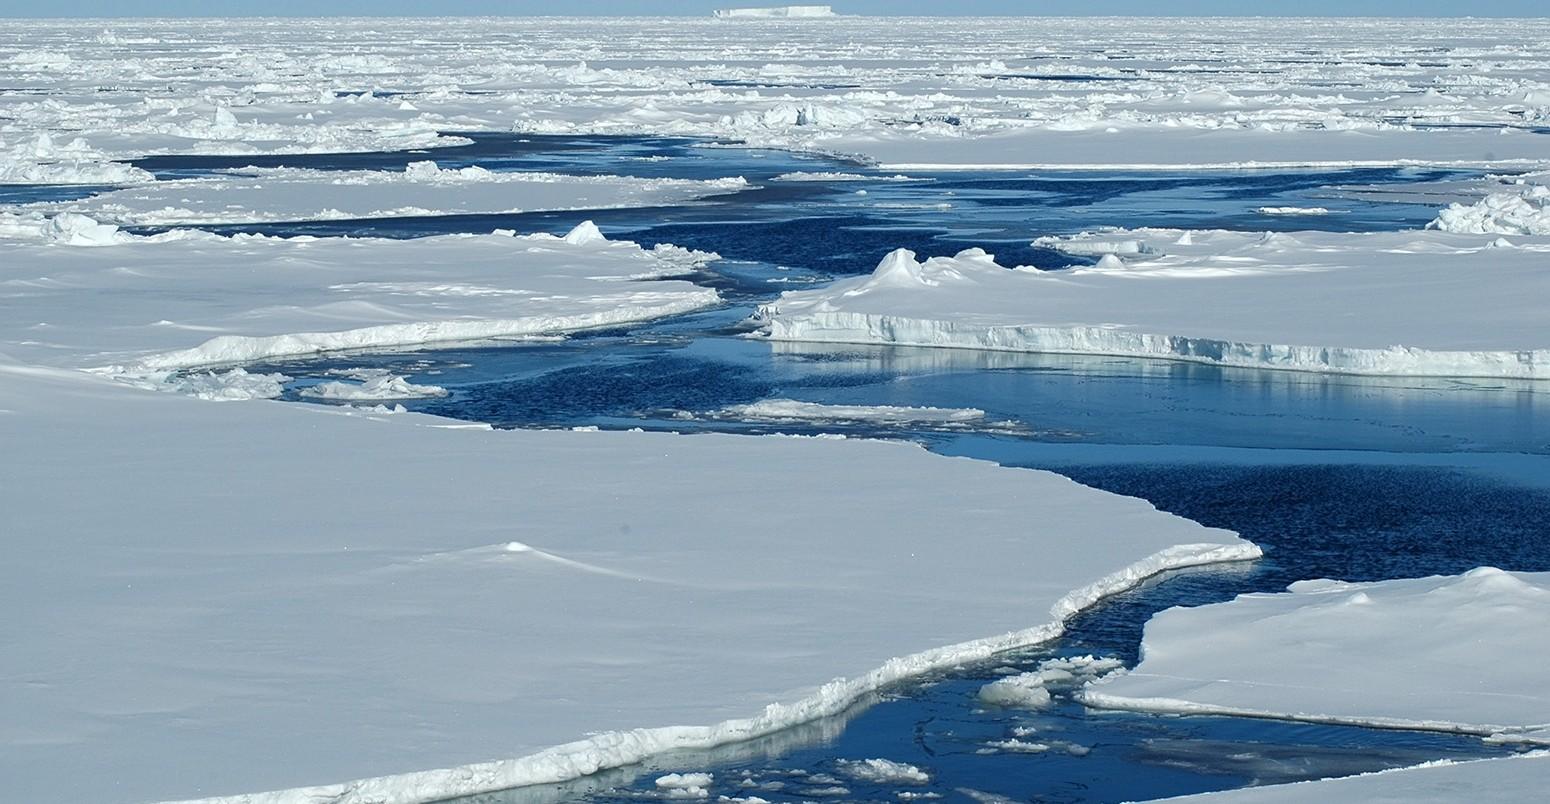 Artico: scoperta acqua calda in profondità, rischio scioglimento della banchisa